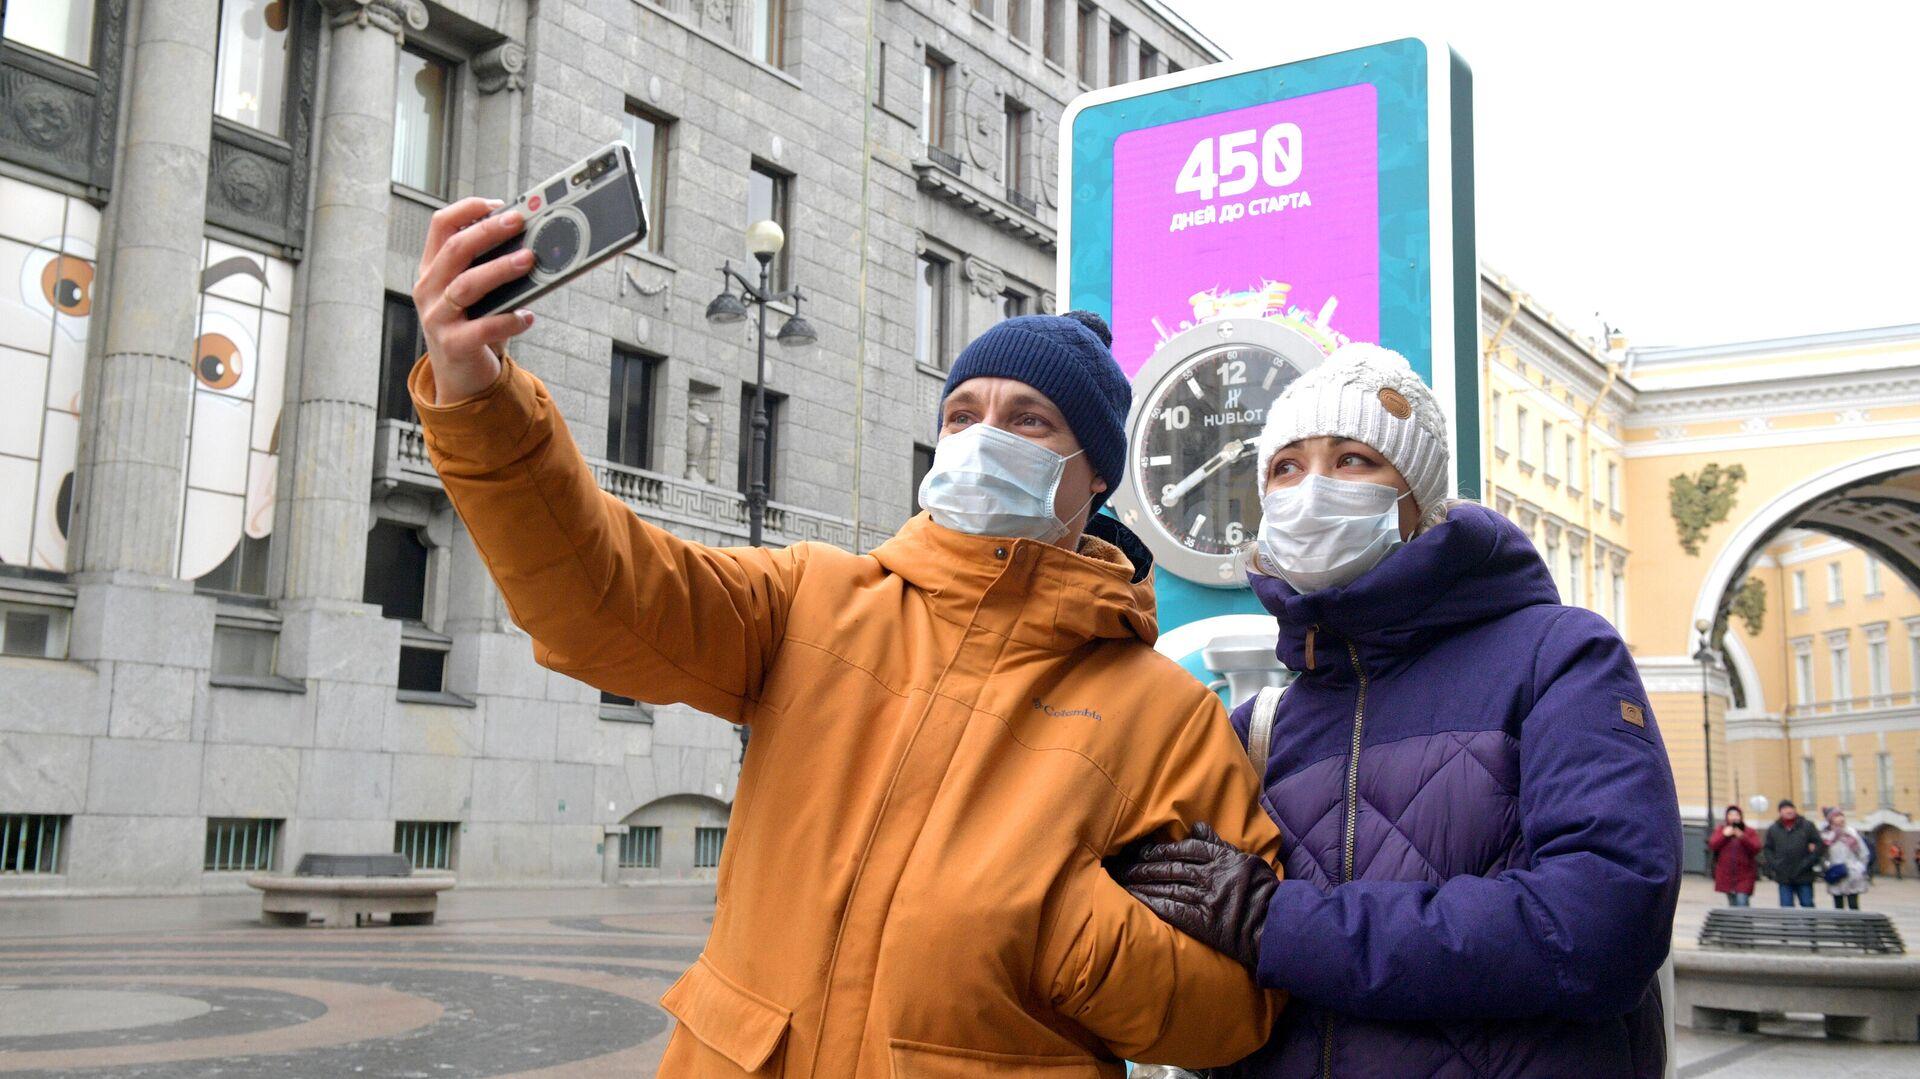 Молодые люди в защитных масках в Санкт-Петербурге - РИА Новости, 1920, 31.03.2021